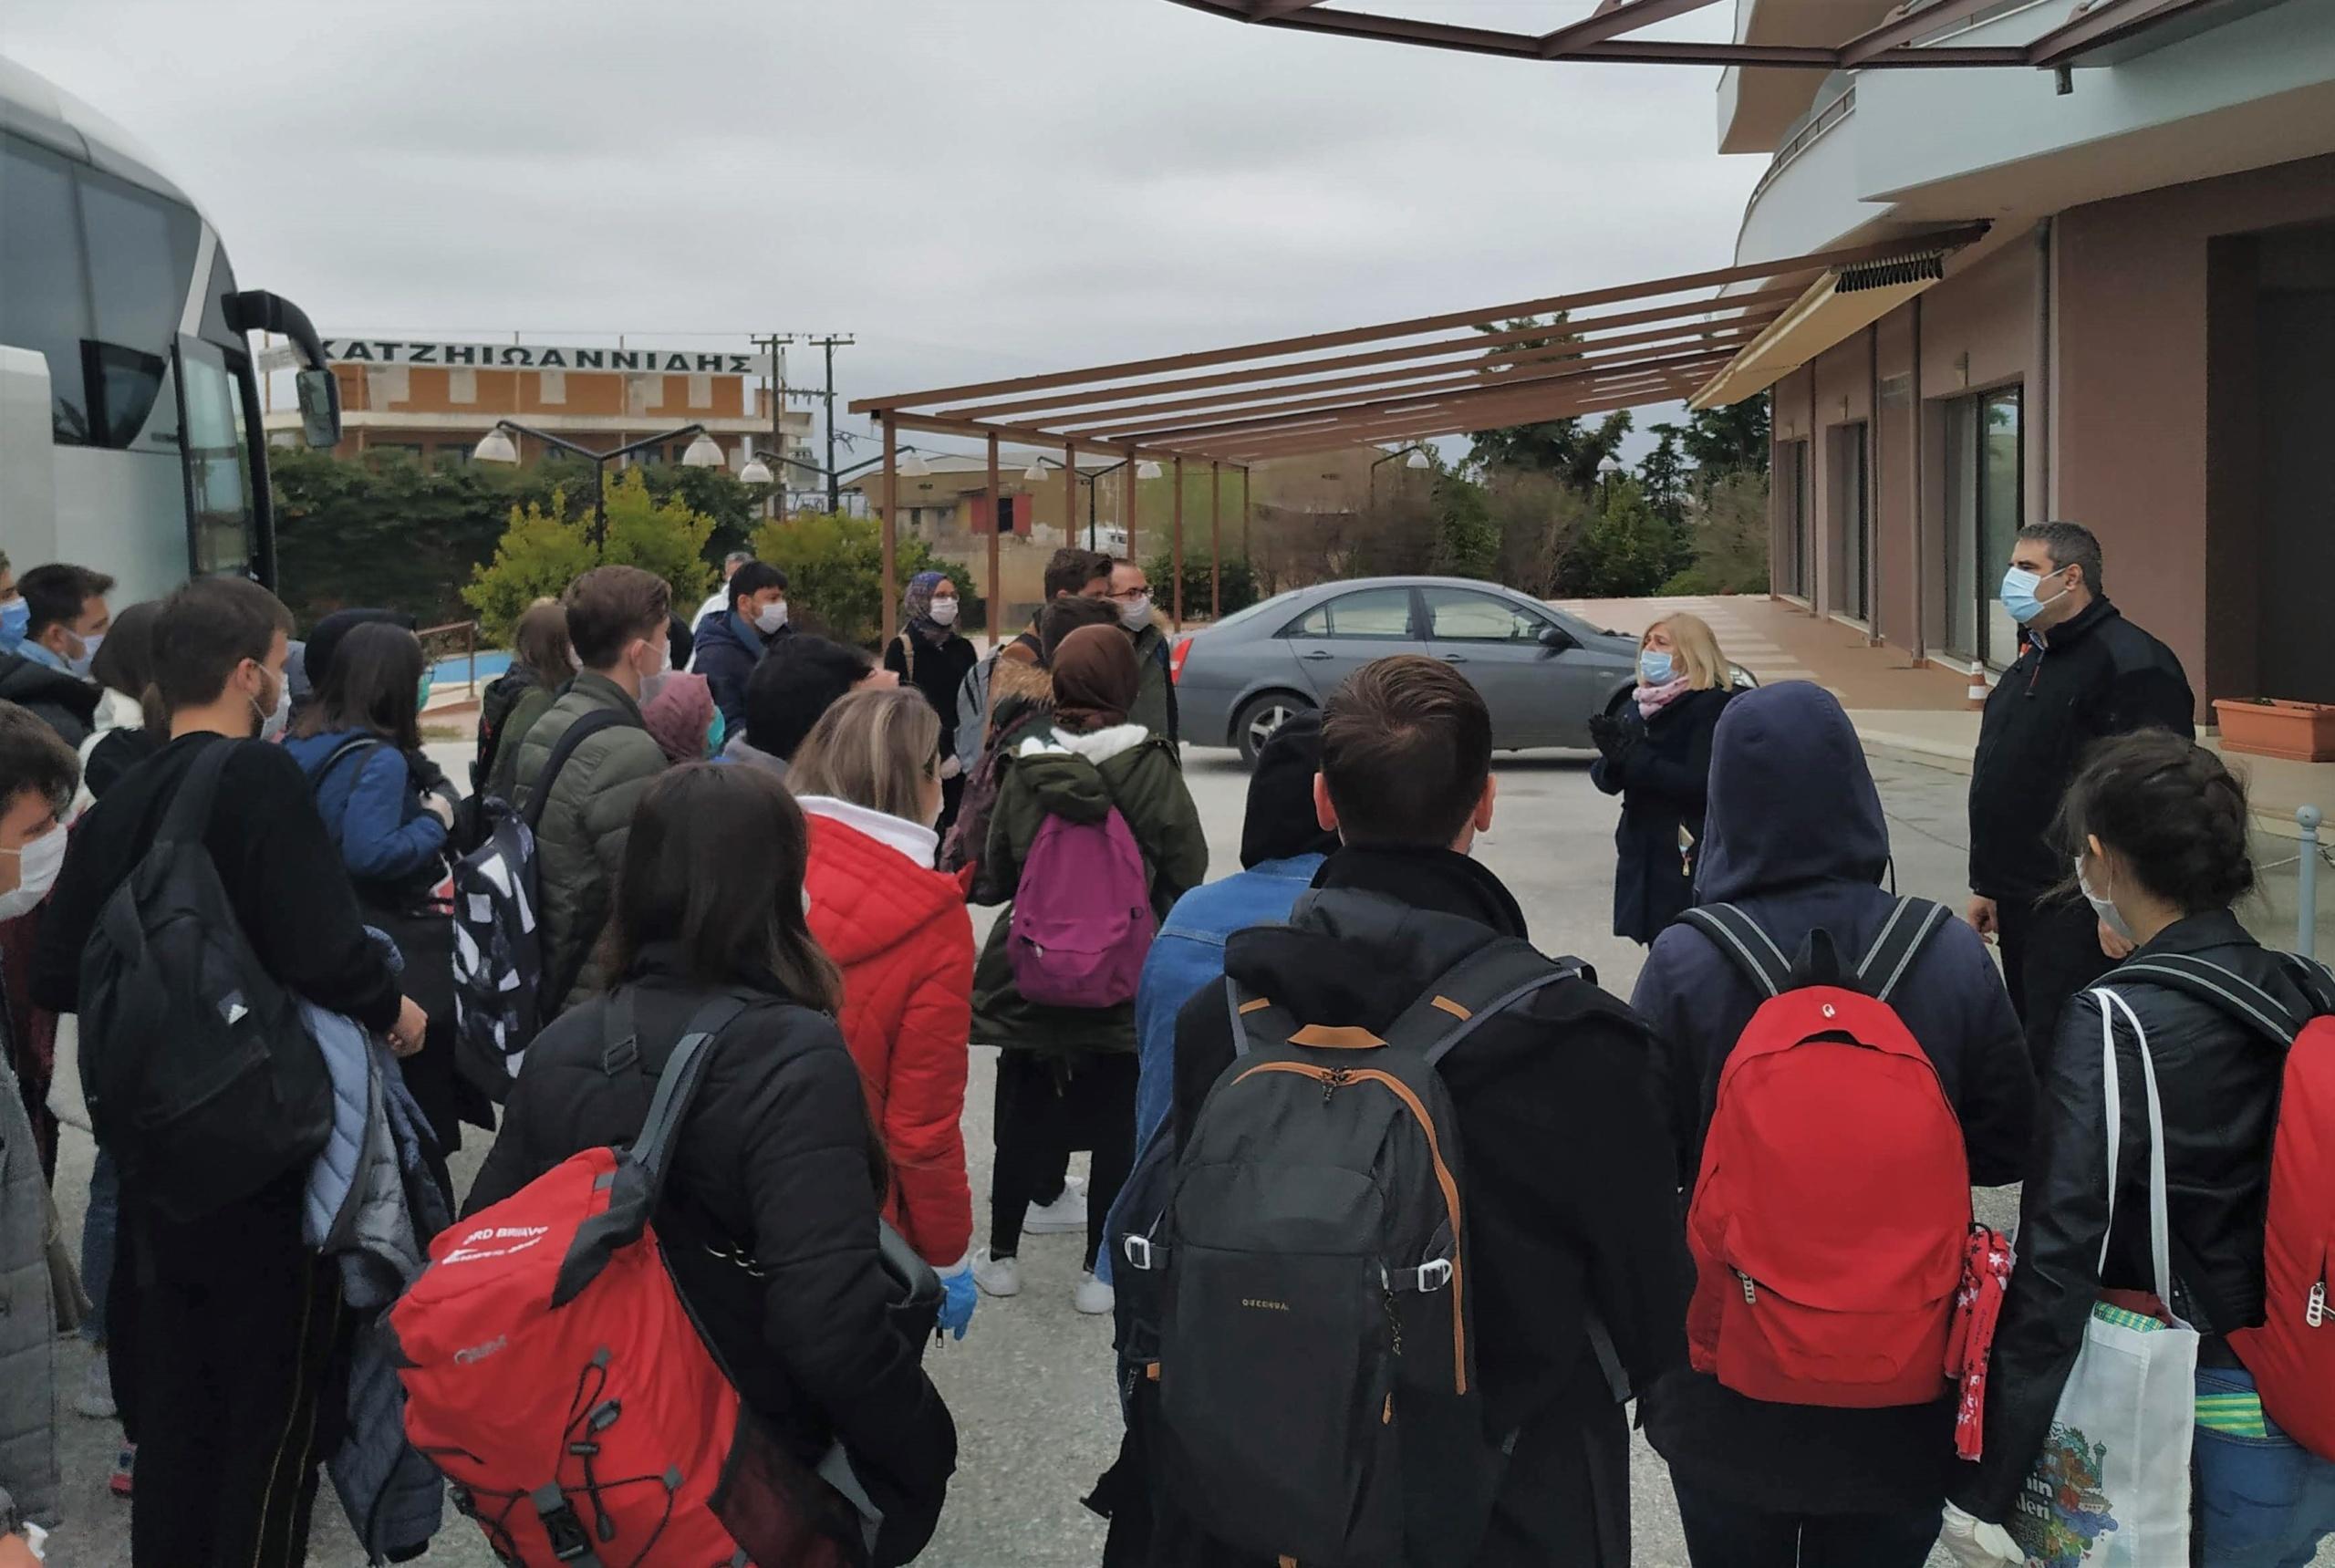 Ακόμη 60 φοιτητές από την Τουρκία υποδέχθηκε η Περιφέρεια ΑΜΘ